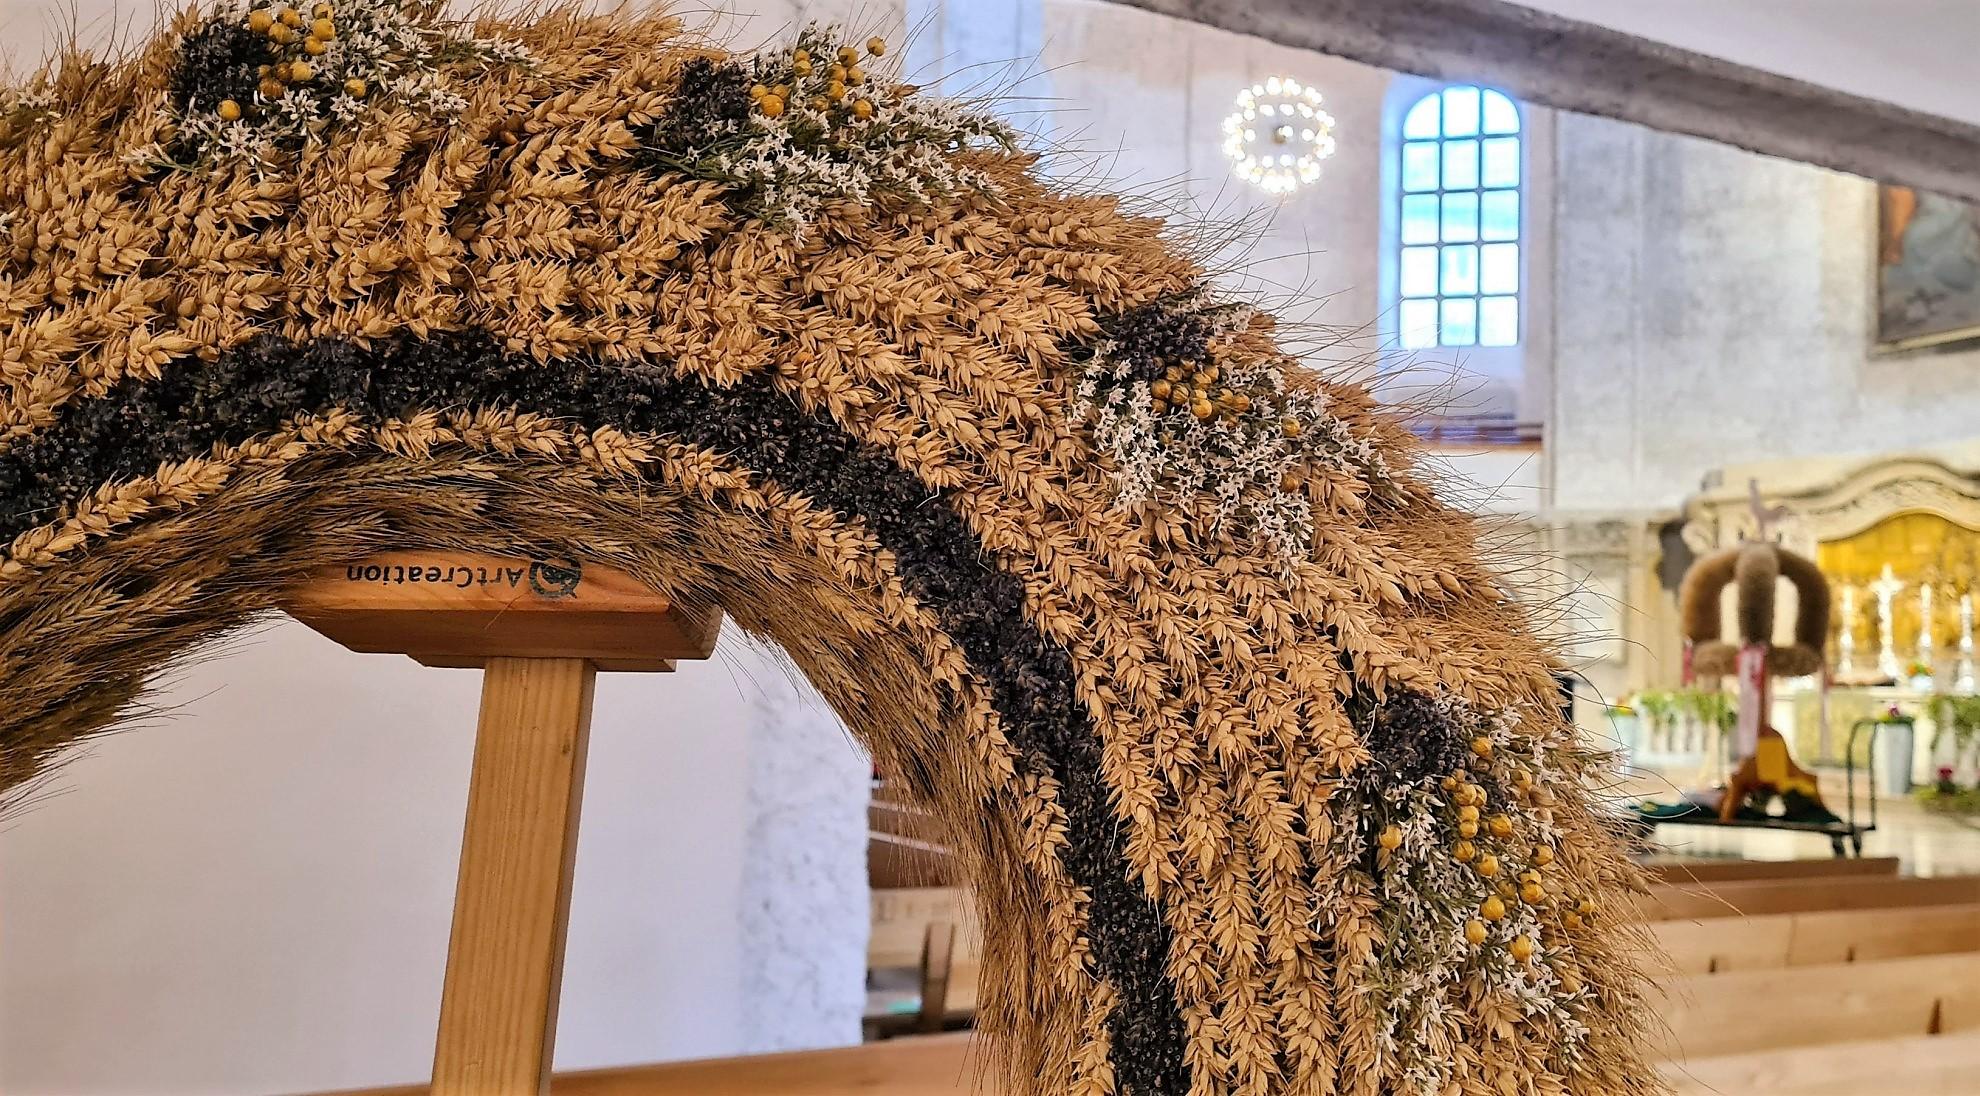 Die Erntekronen und Kränze wurden in der Kreuzkirche Dresden präsentiert. (Foto: Sven Wernicke)